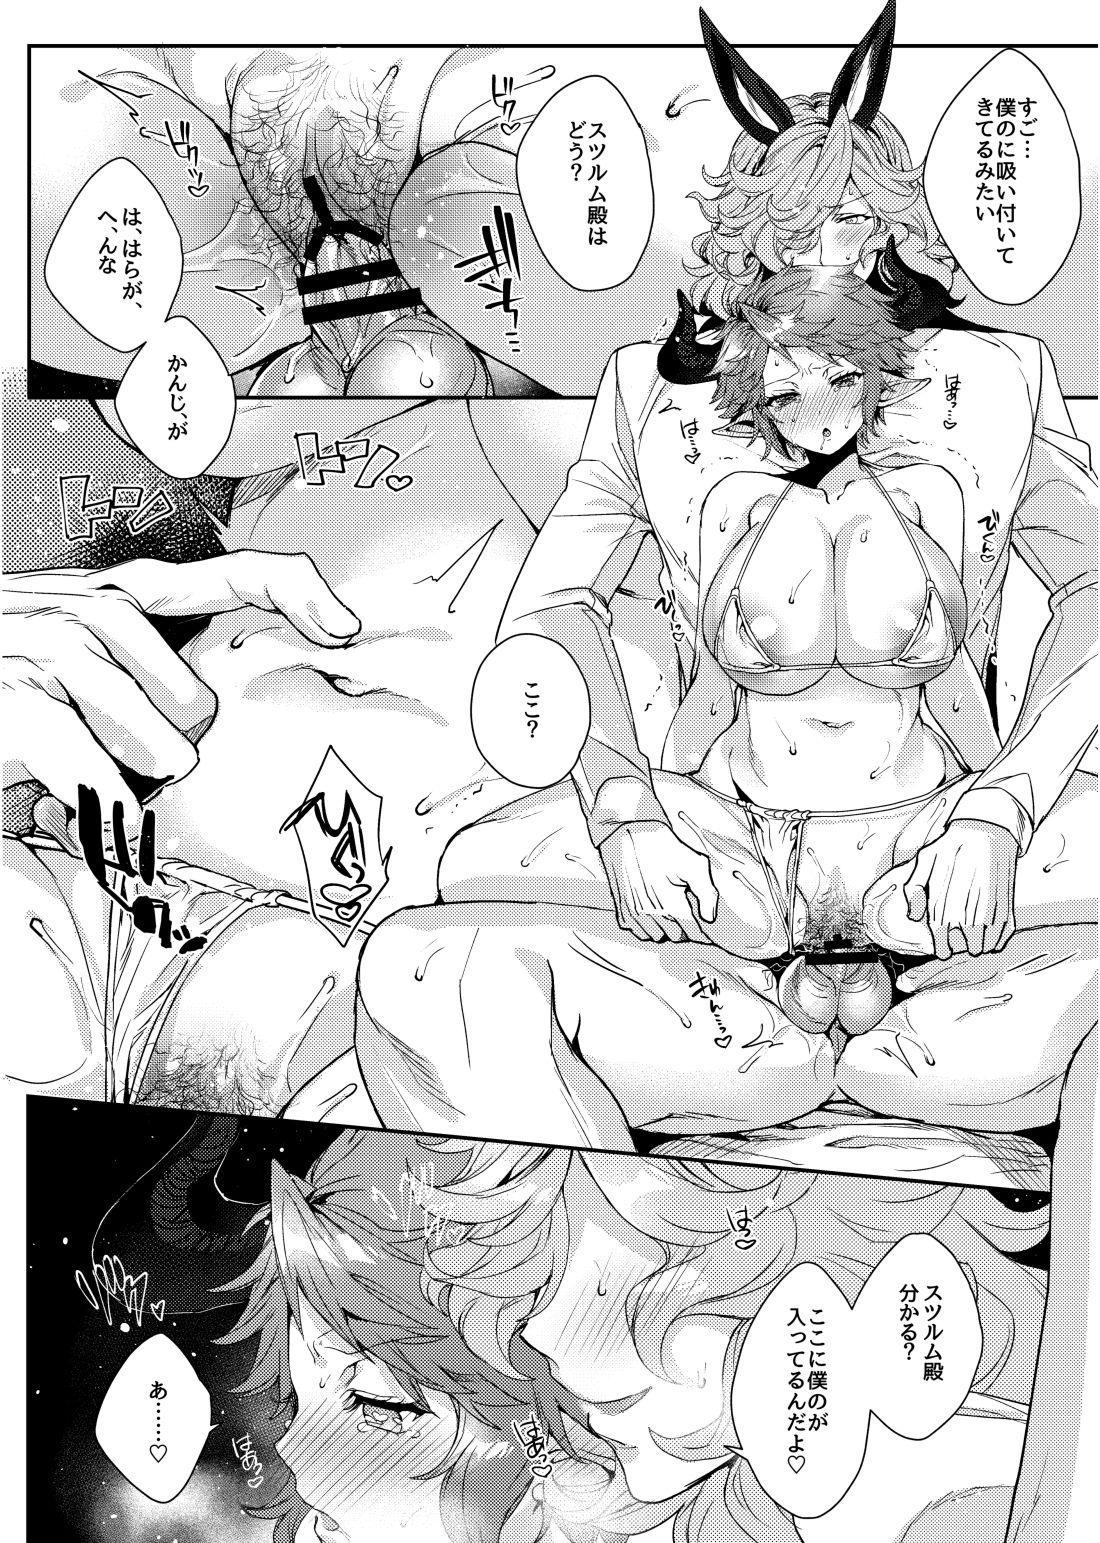 Kore Gurai Atashi ni datte Dekiru tte Itteru daro! 20